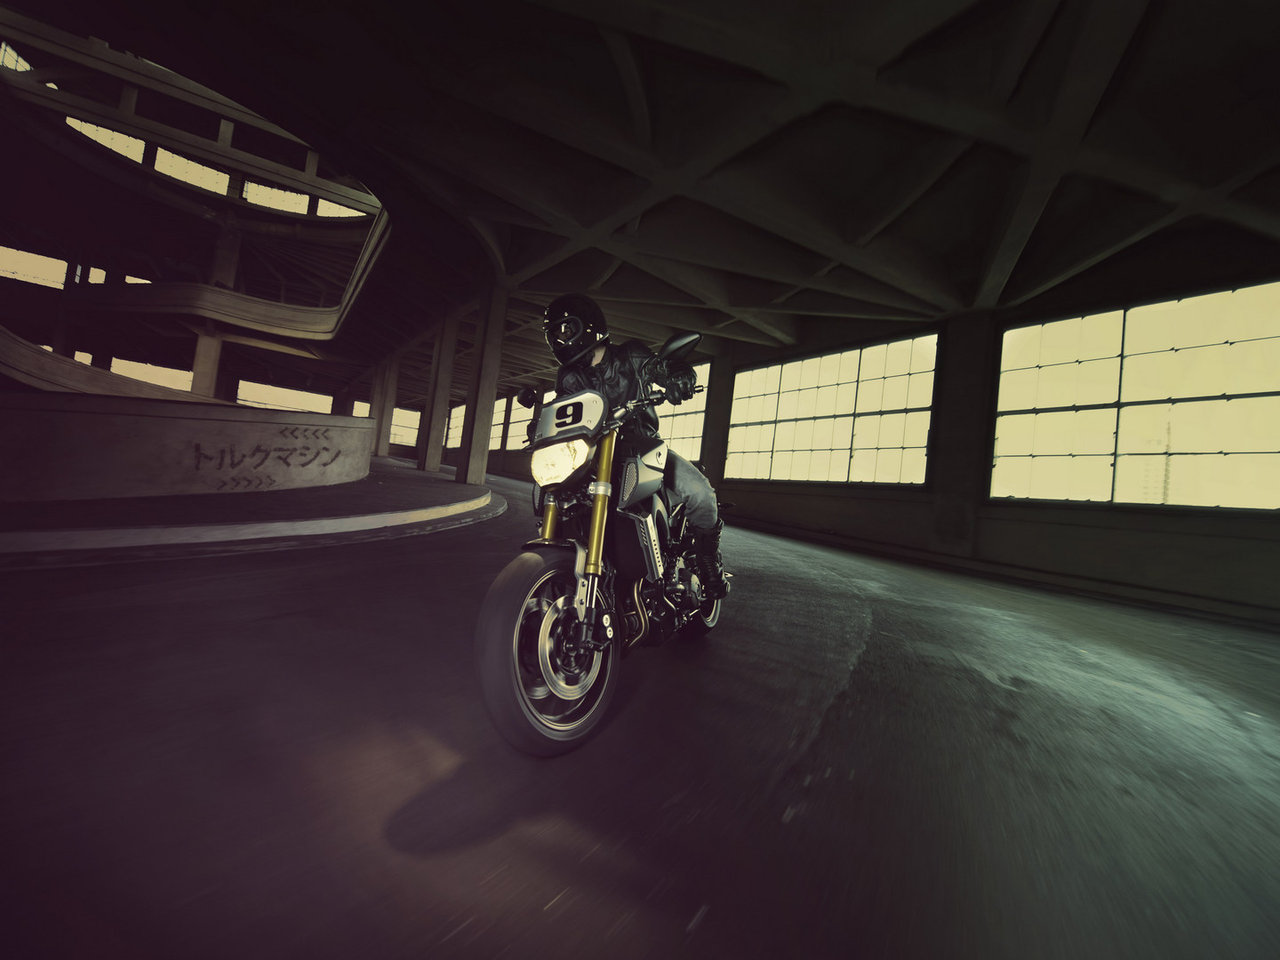 Listino Yamaha MT 07 Naked Media - image 15412_1 on https://moto.motori.net